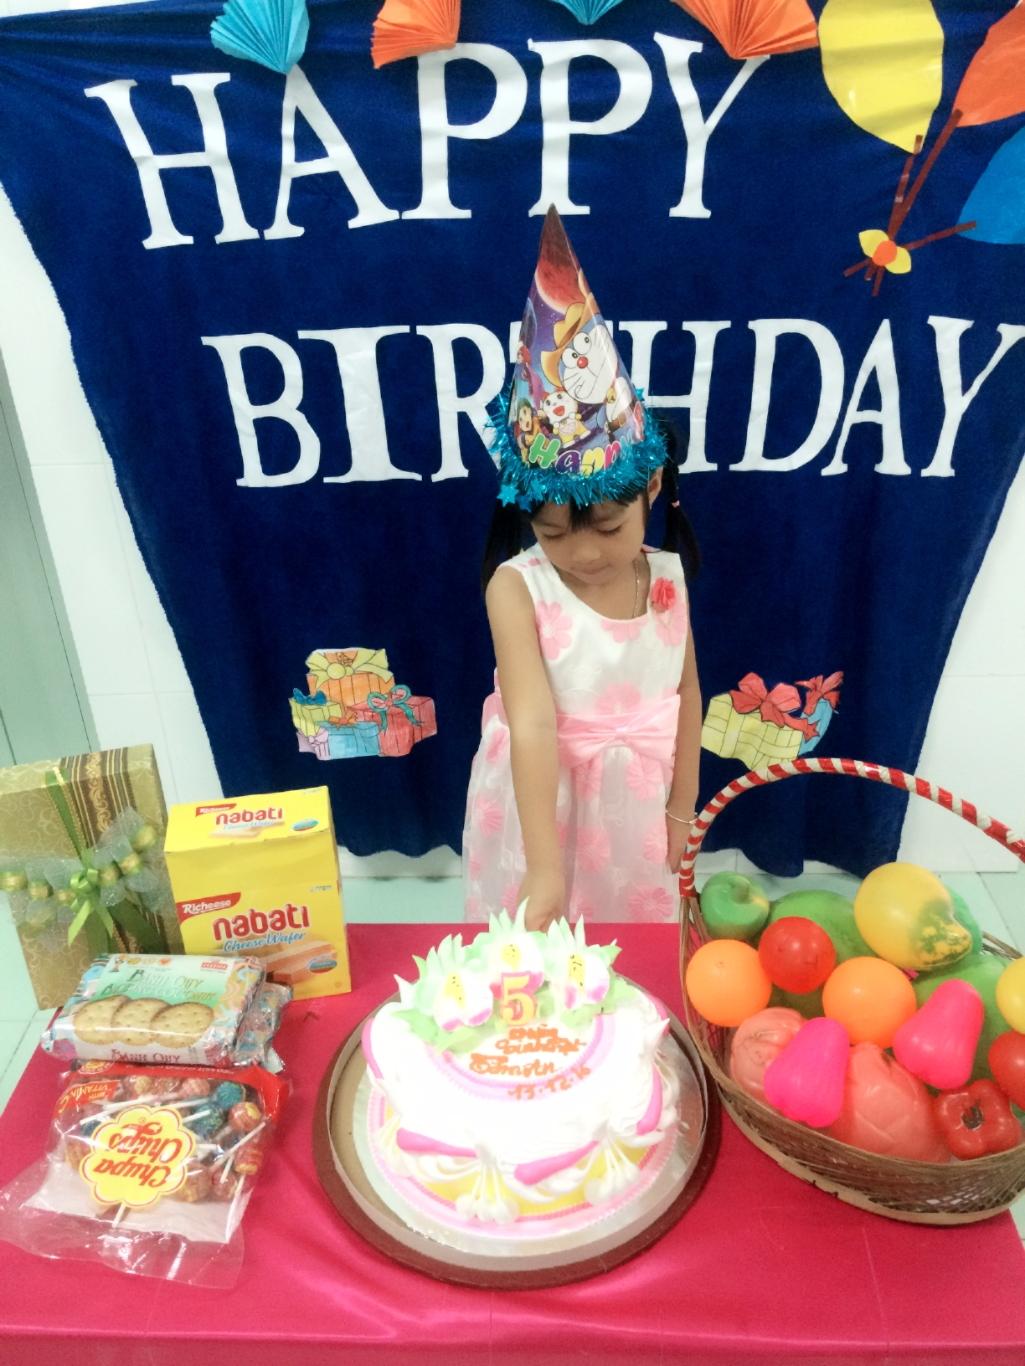 Chúc con gái sinh nhật vui vẻ nha